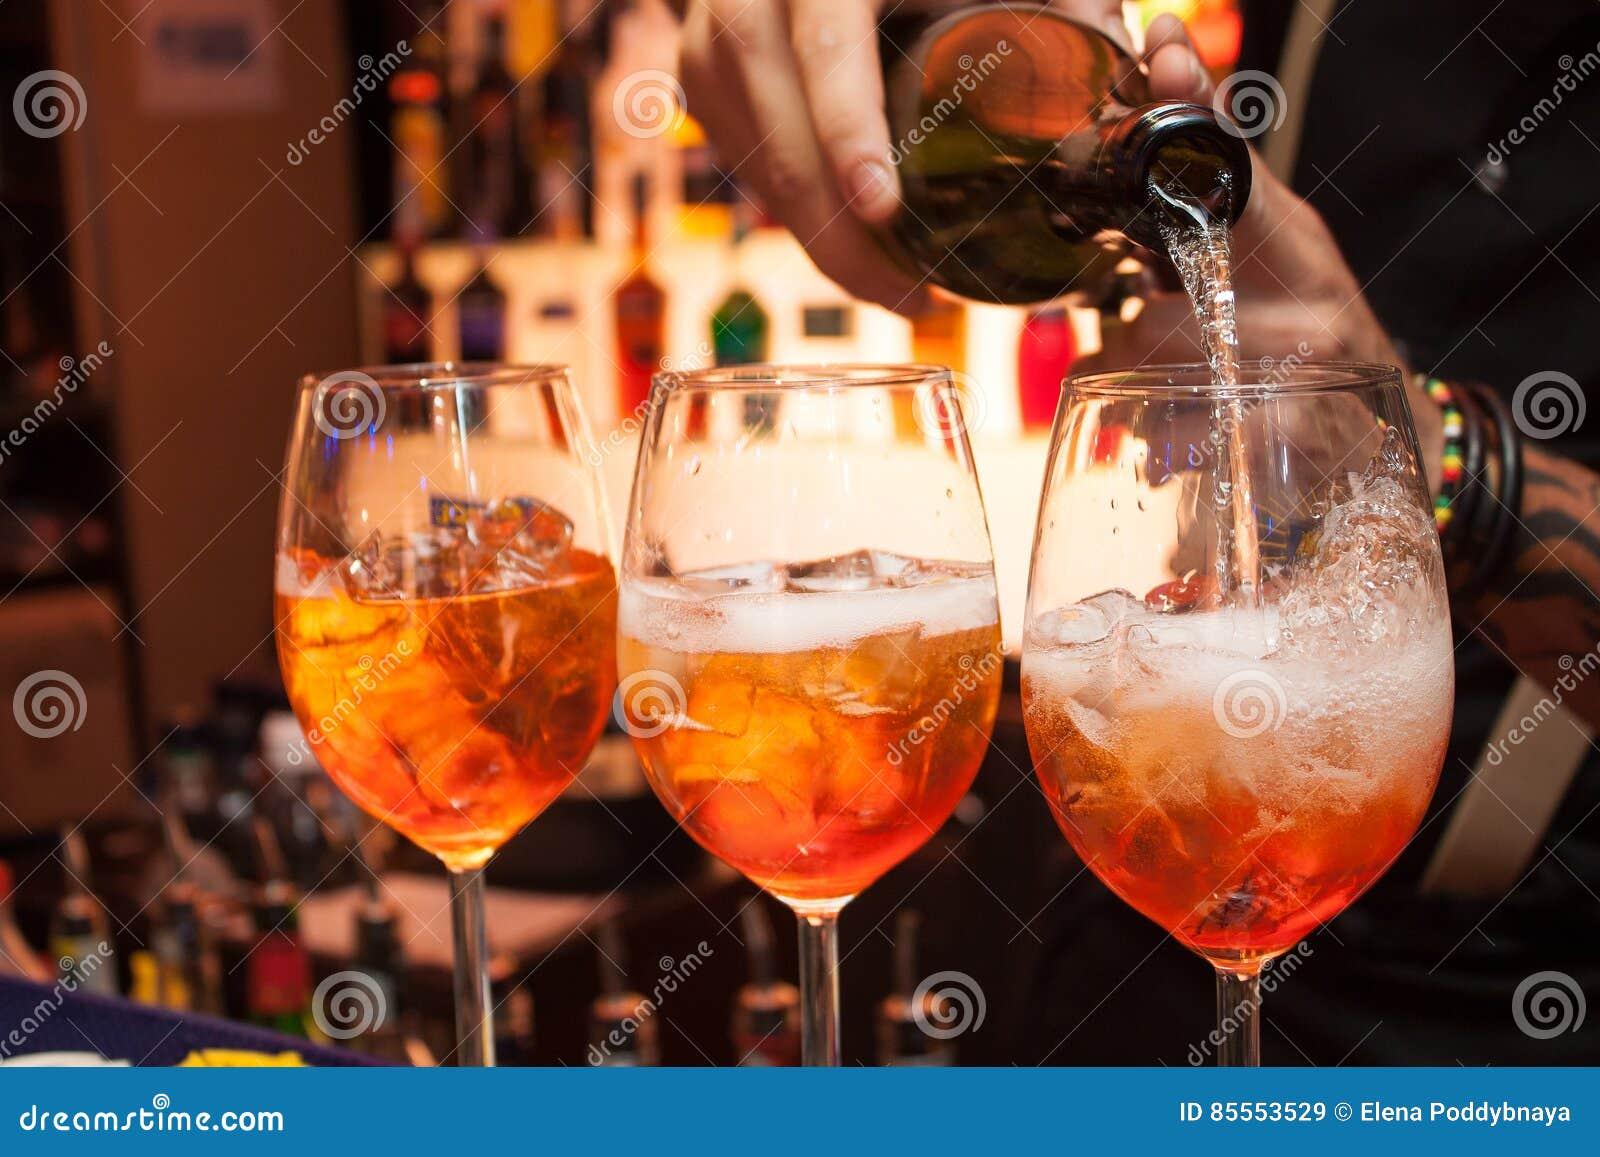 Der Prozess des Vorbereitens des Cocktails Aperol